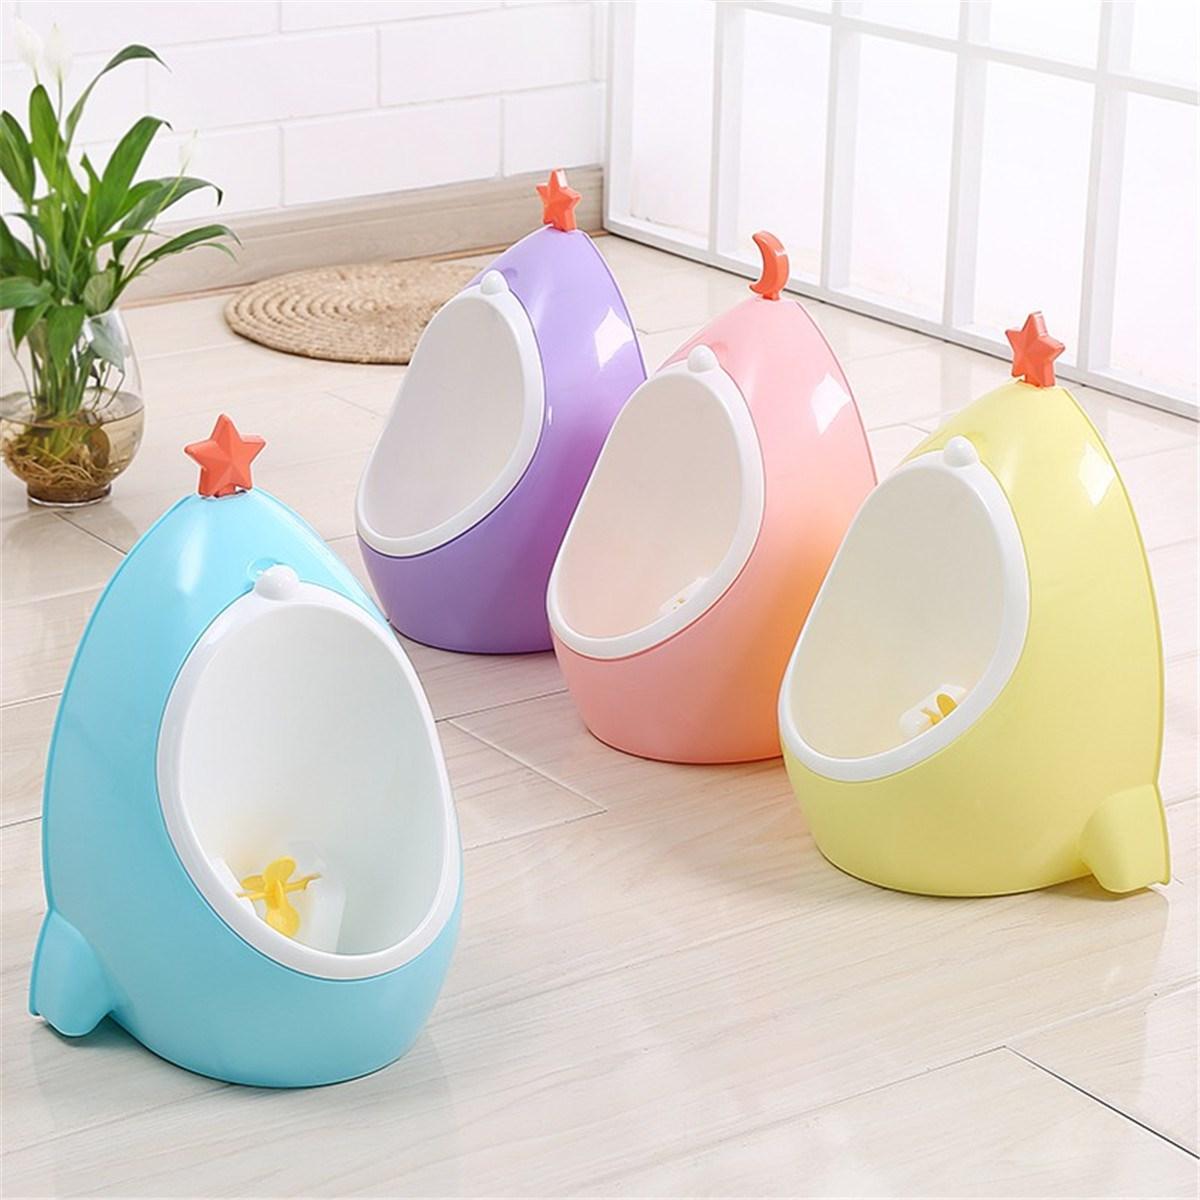 Salle De Bain Urinoir ~ enfants debout pot toilettes enfants urinoir b b gar ons salle de